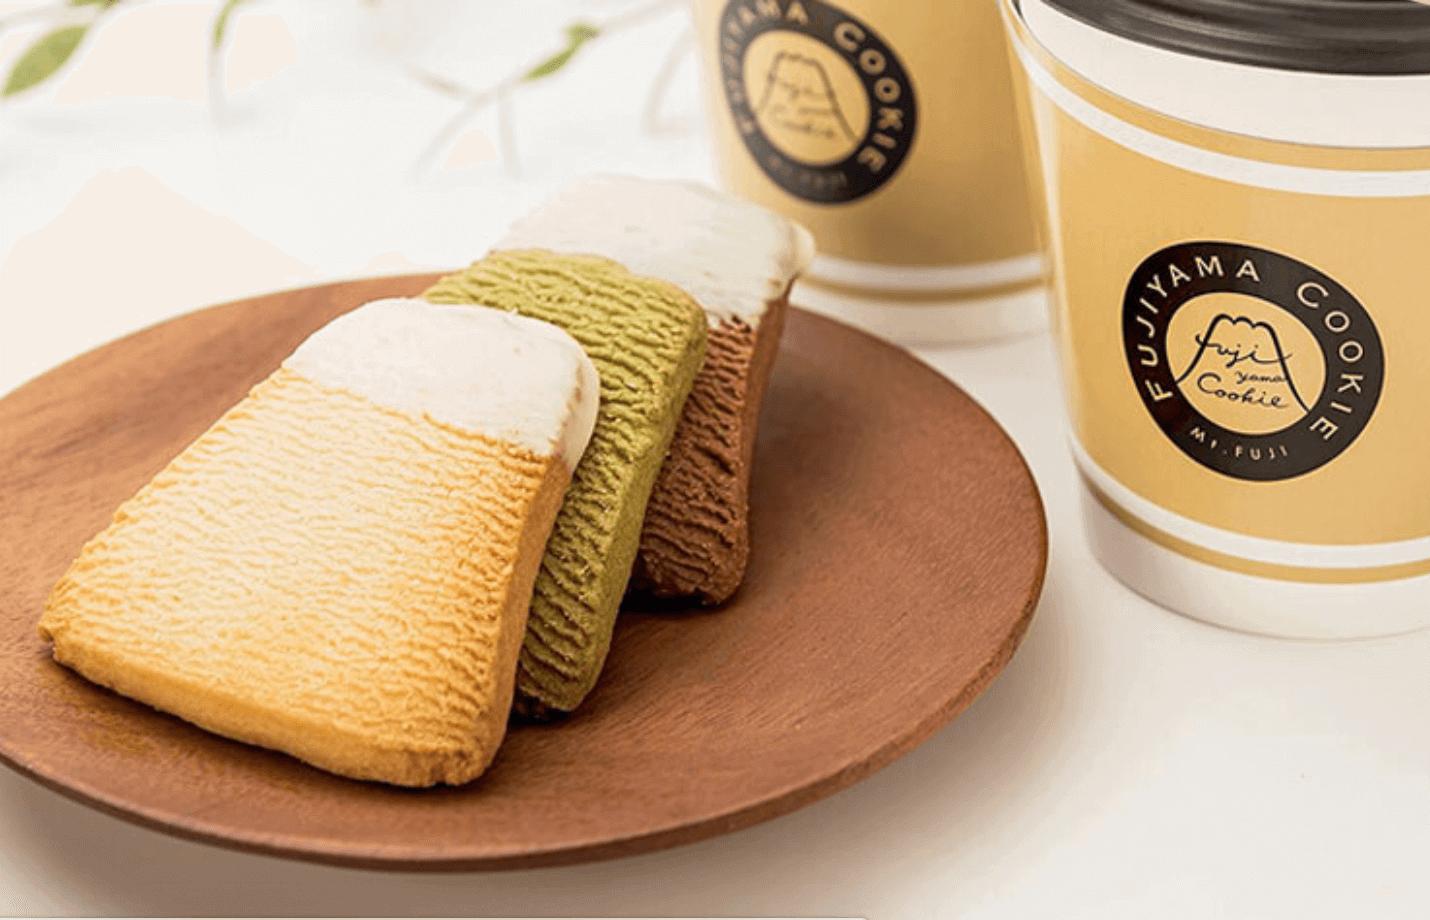 フジヤマクッキー FUJIYAMA COOKIE 富士急ハイランドのお土産